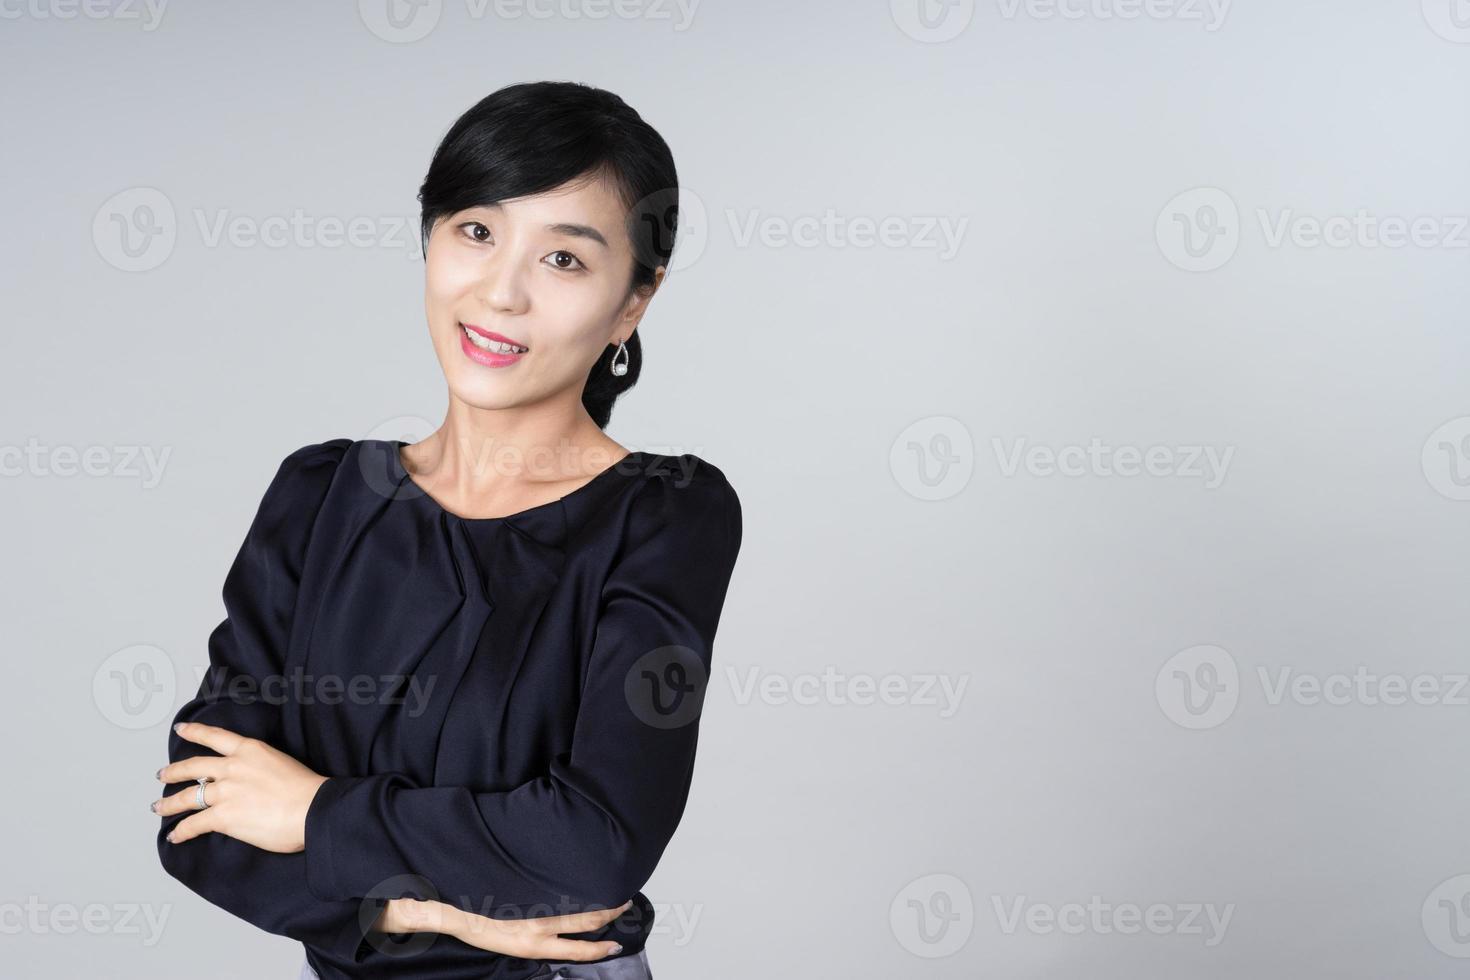 image de jolie femme asiatique photo